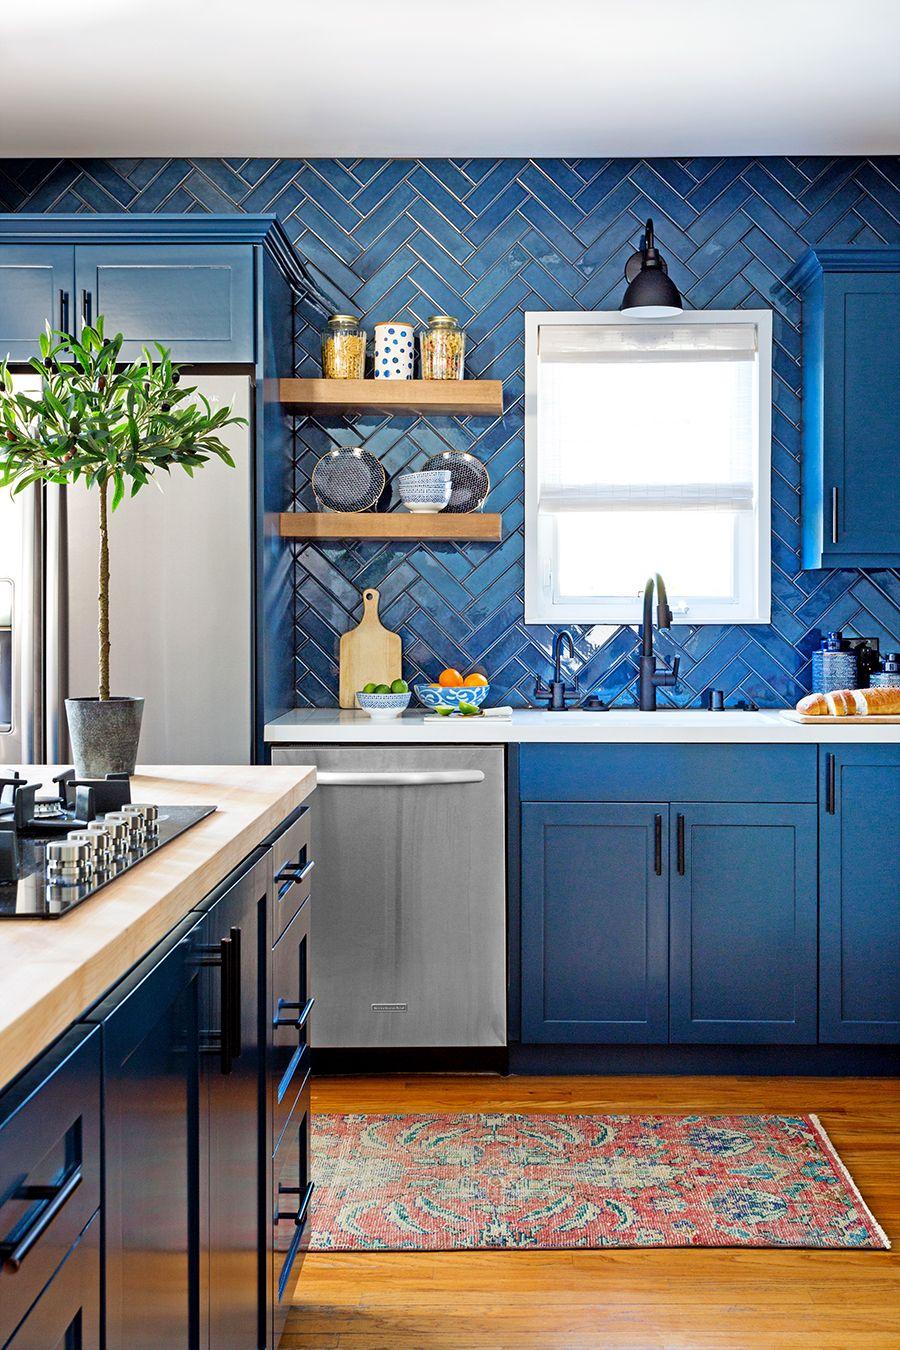 30+ Unique Kitchen Backsplash Ideas: Add a Creative Twist ...